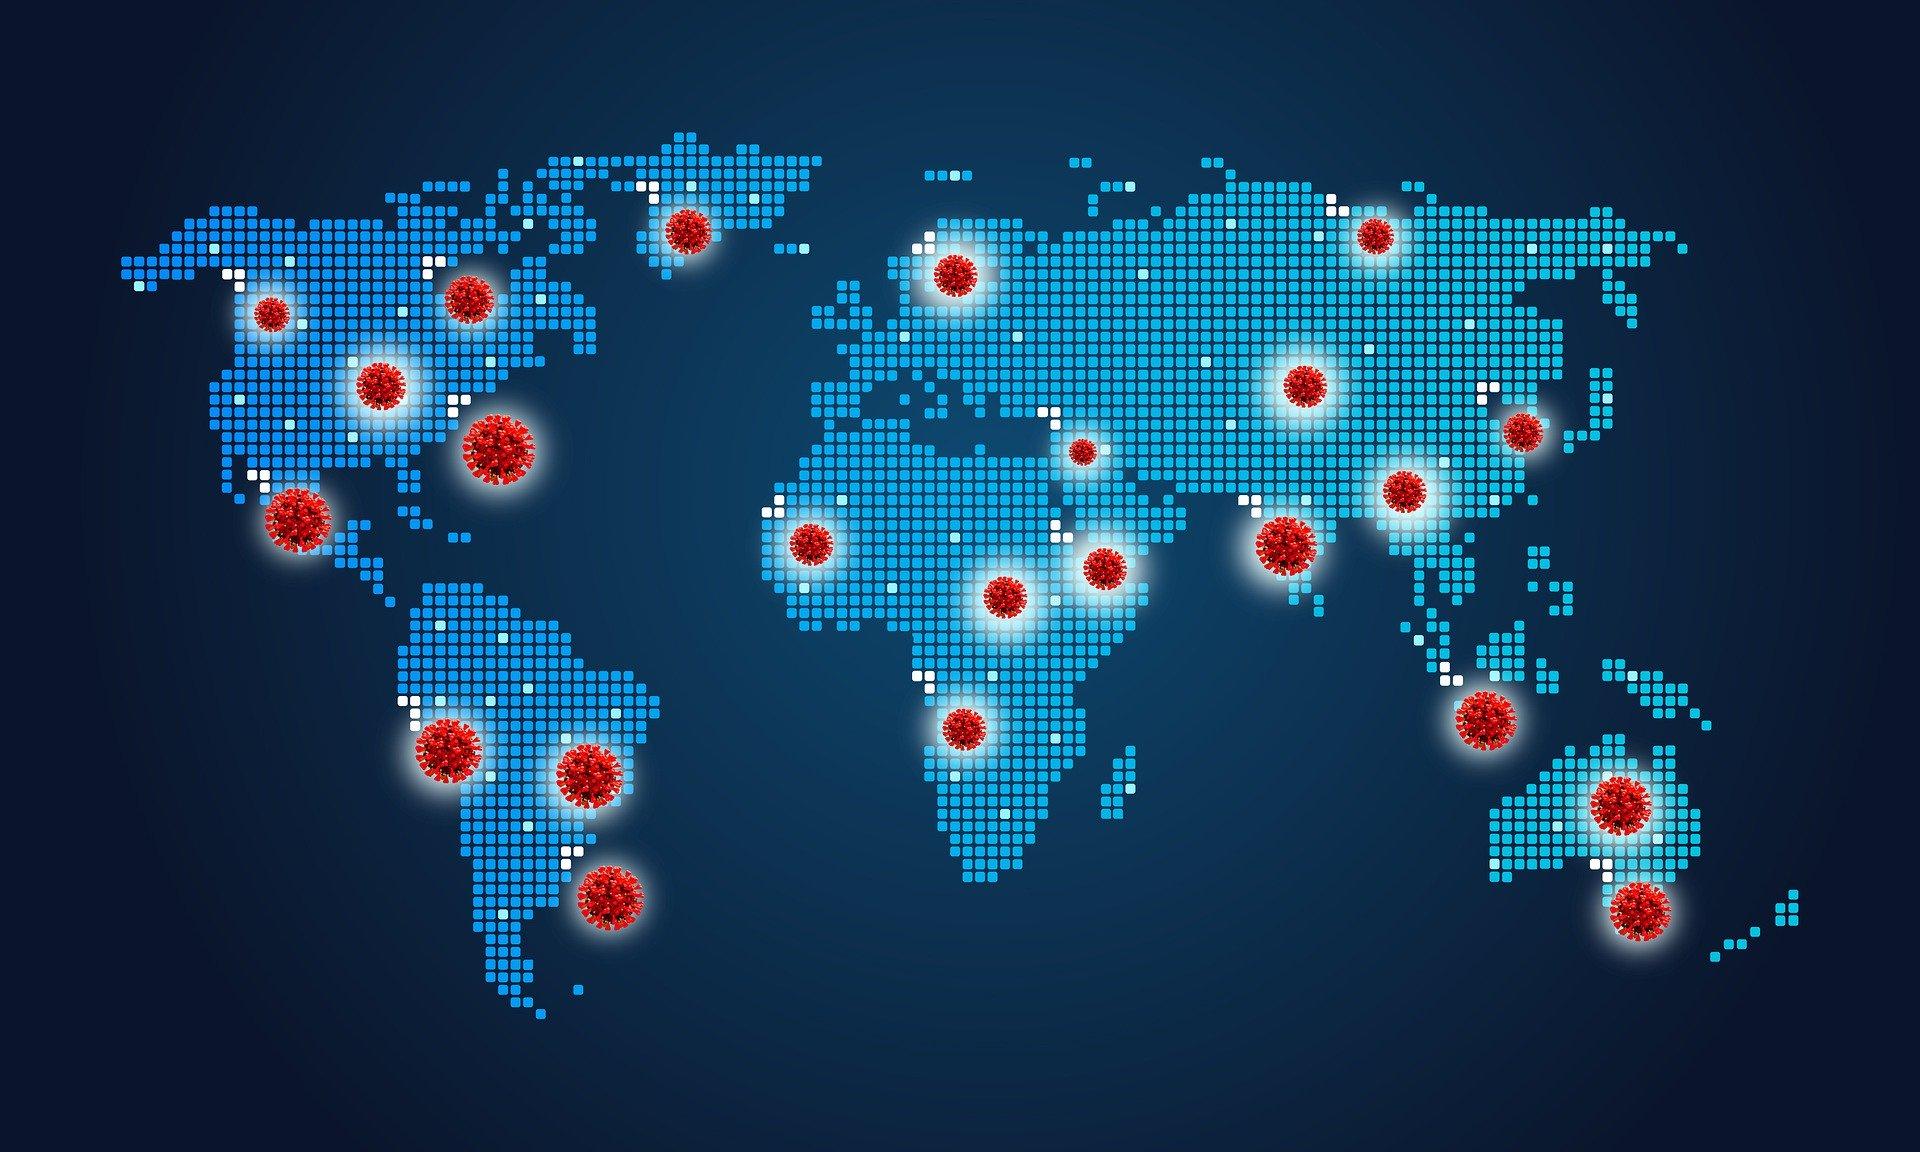 Czujniki IoT pomocne w wykrywaniu rozprzestrzeniania się wirusów